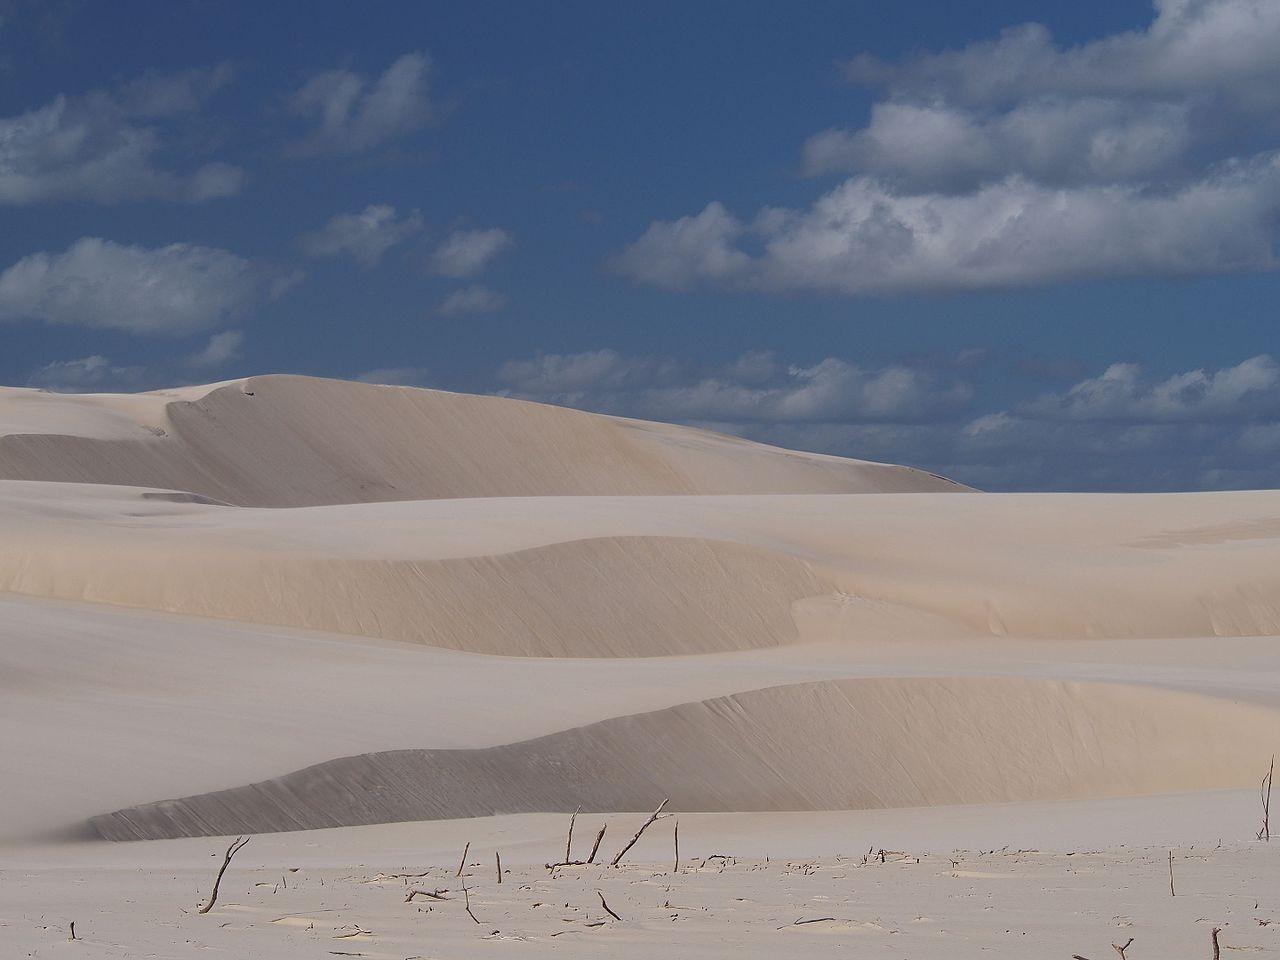 Dunas submersas teriam sido semelhantes às da Fraser Island, também na Austrália.  (Foto: Wikicommons / Proto353)